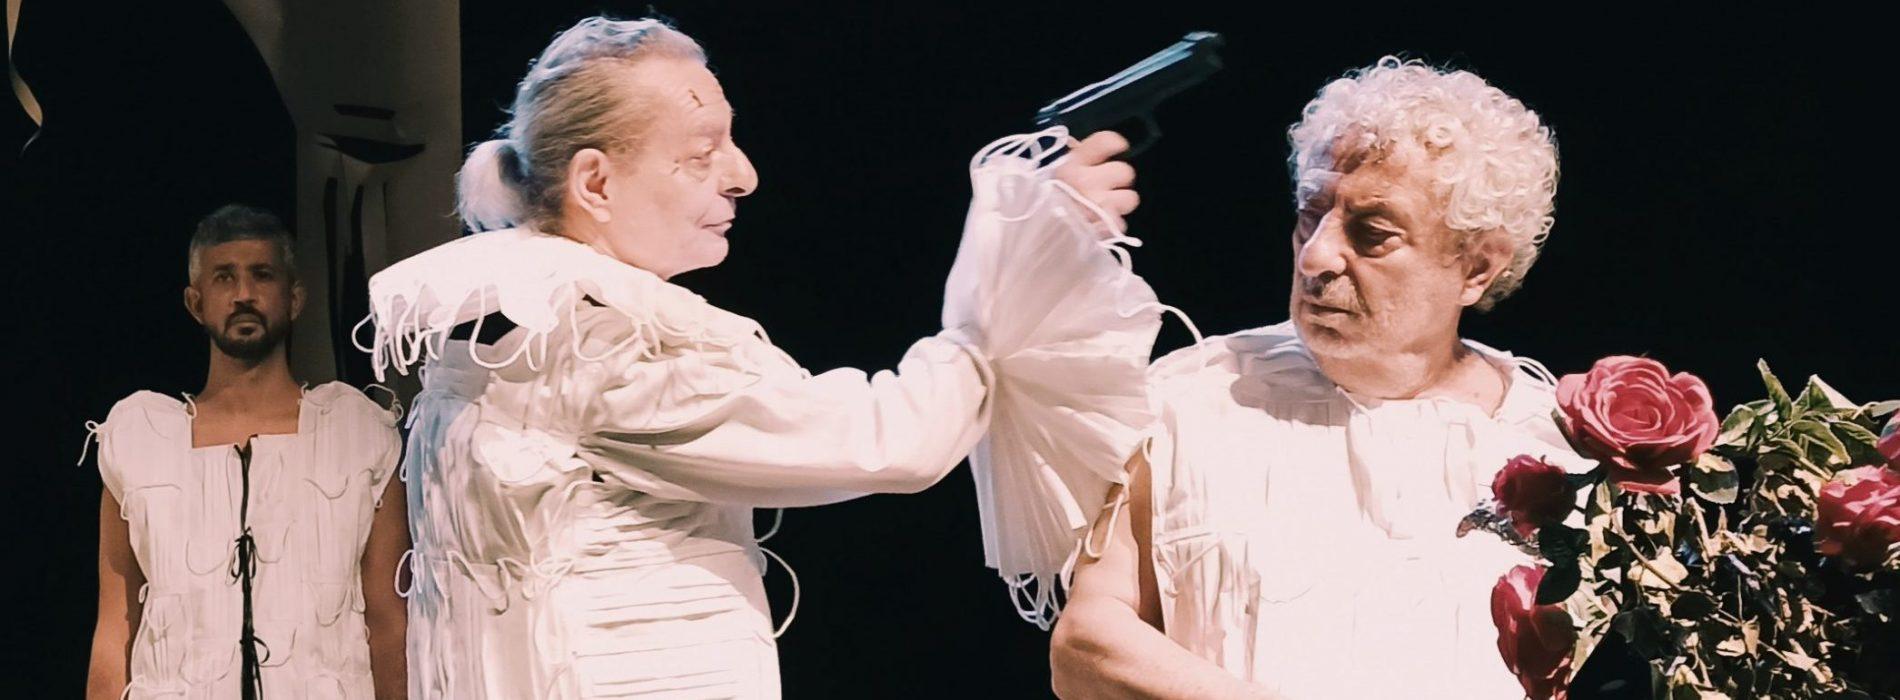 Teatro Festival, Enzo Moscato con Museo del Popolo Estinto